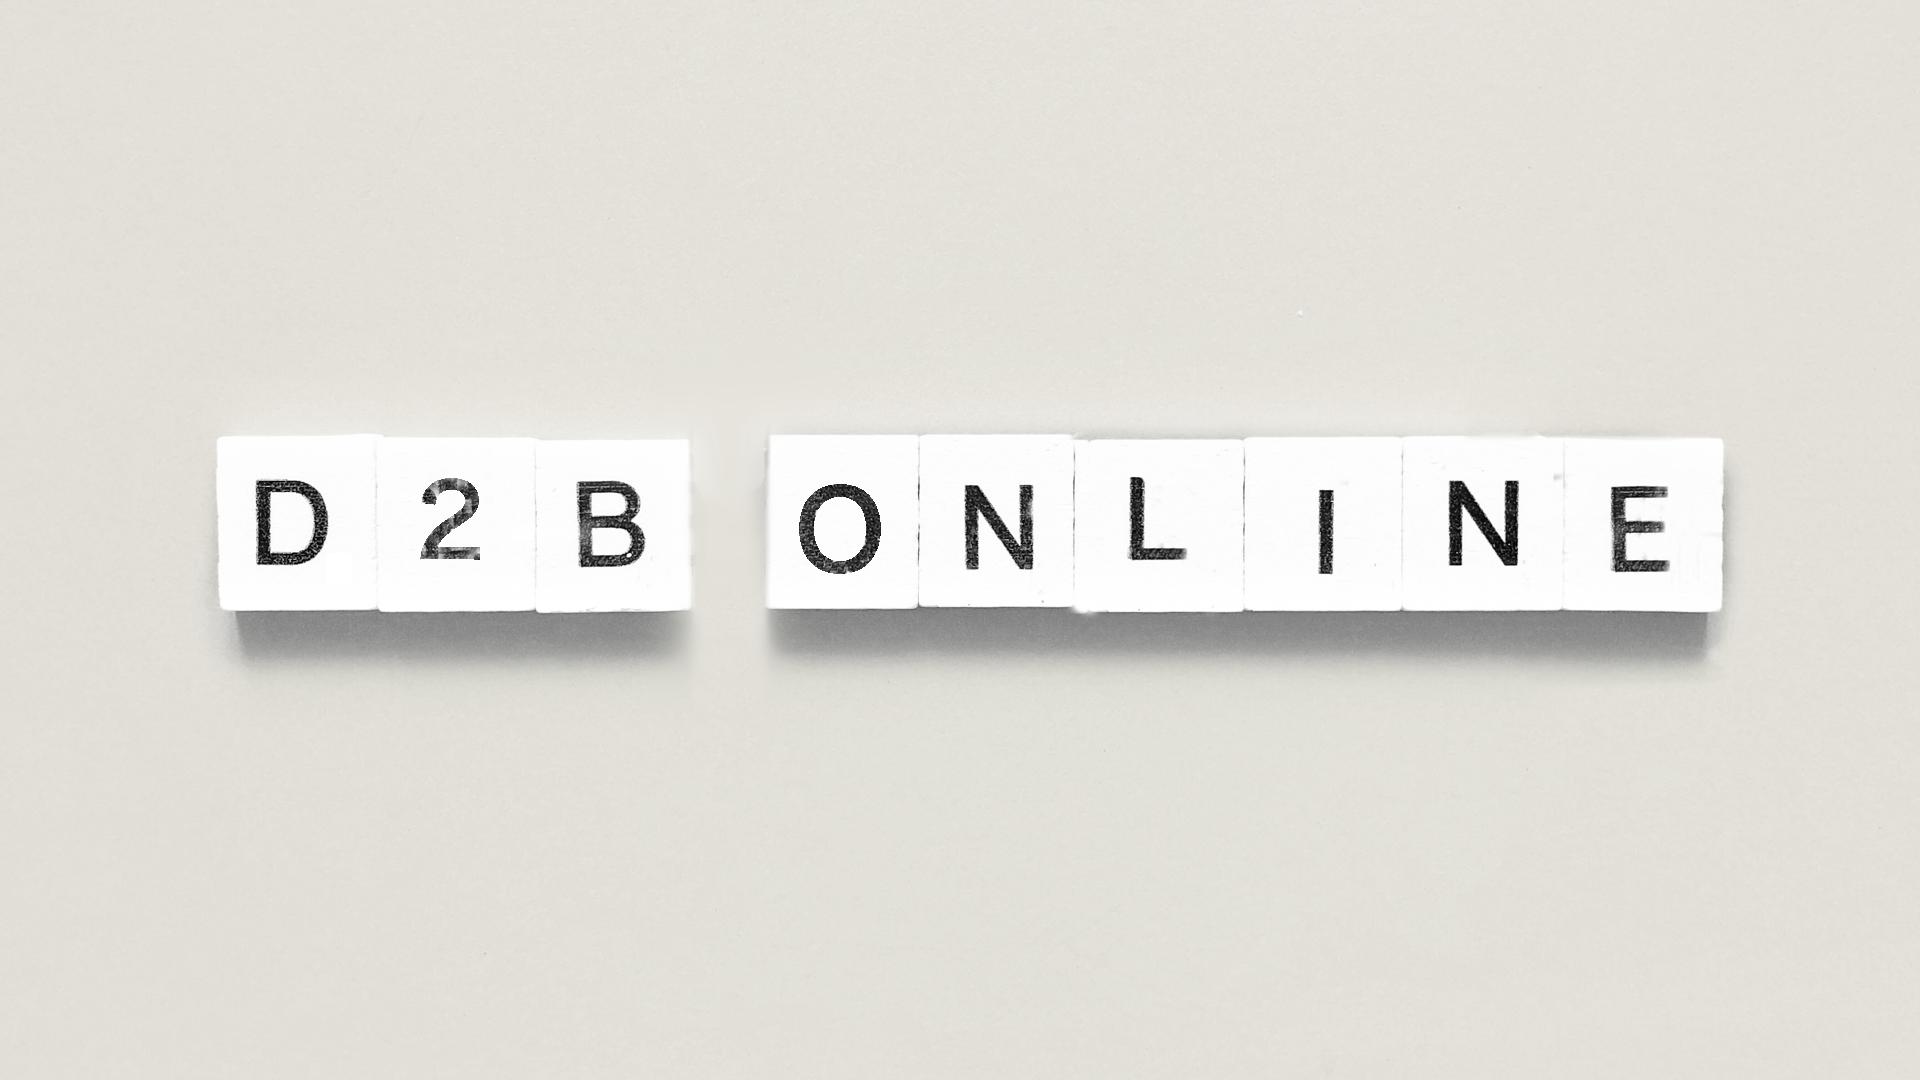 D2B Online